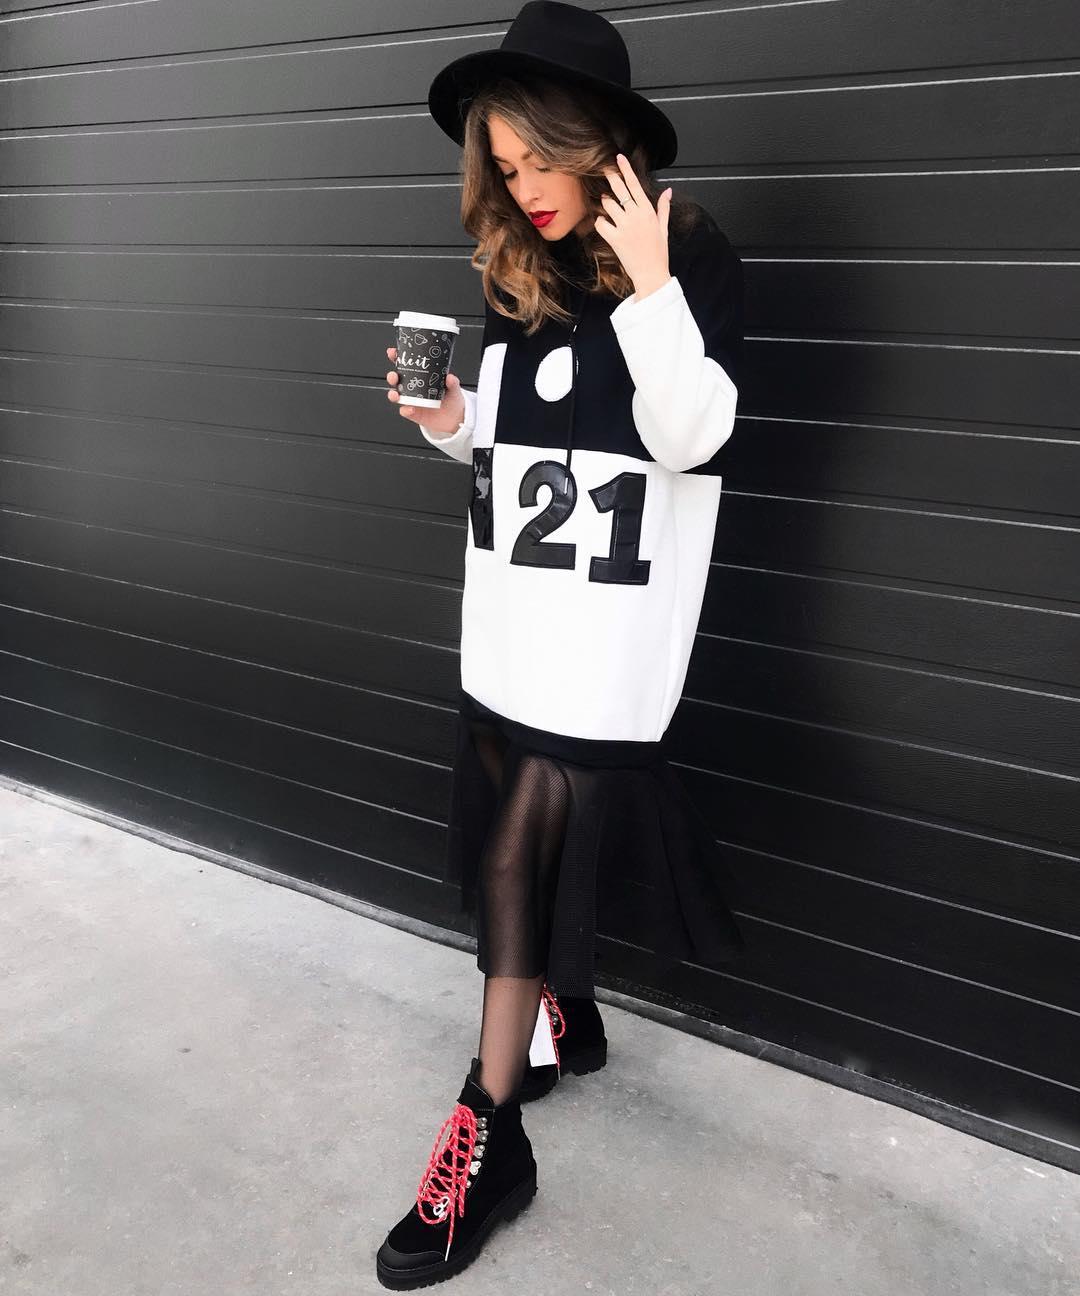 платья весна лето 2019 модные тенденции фото 33